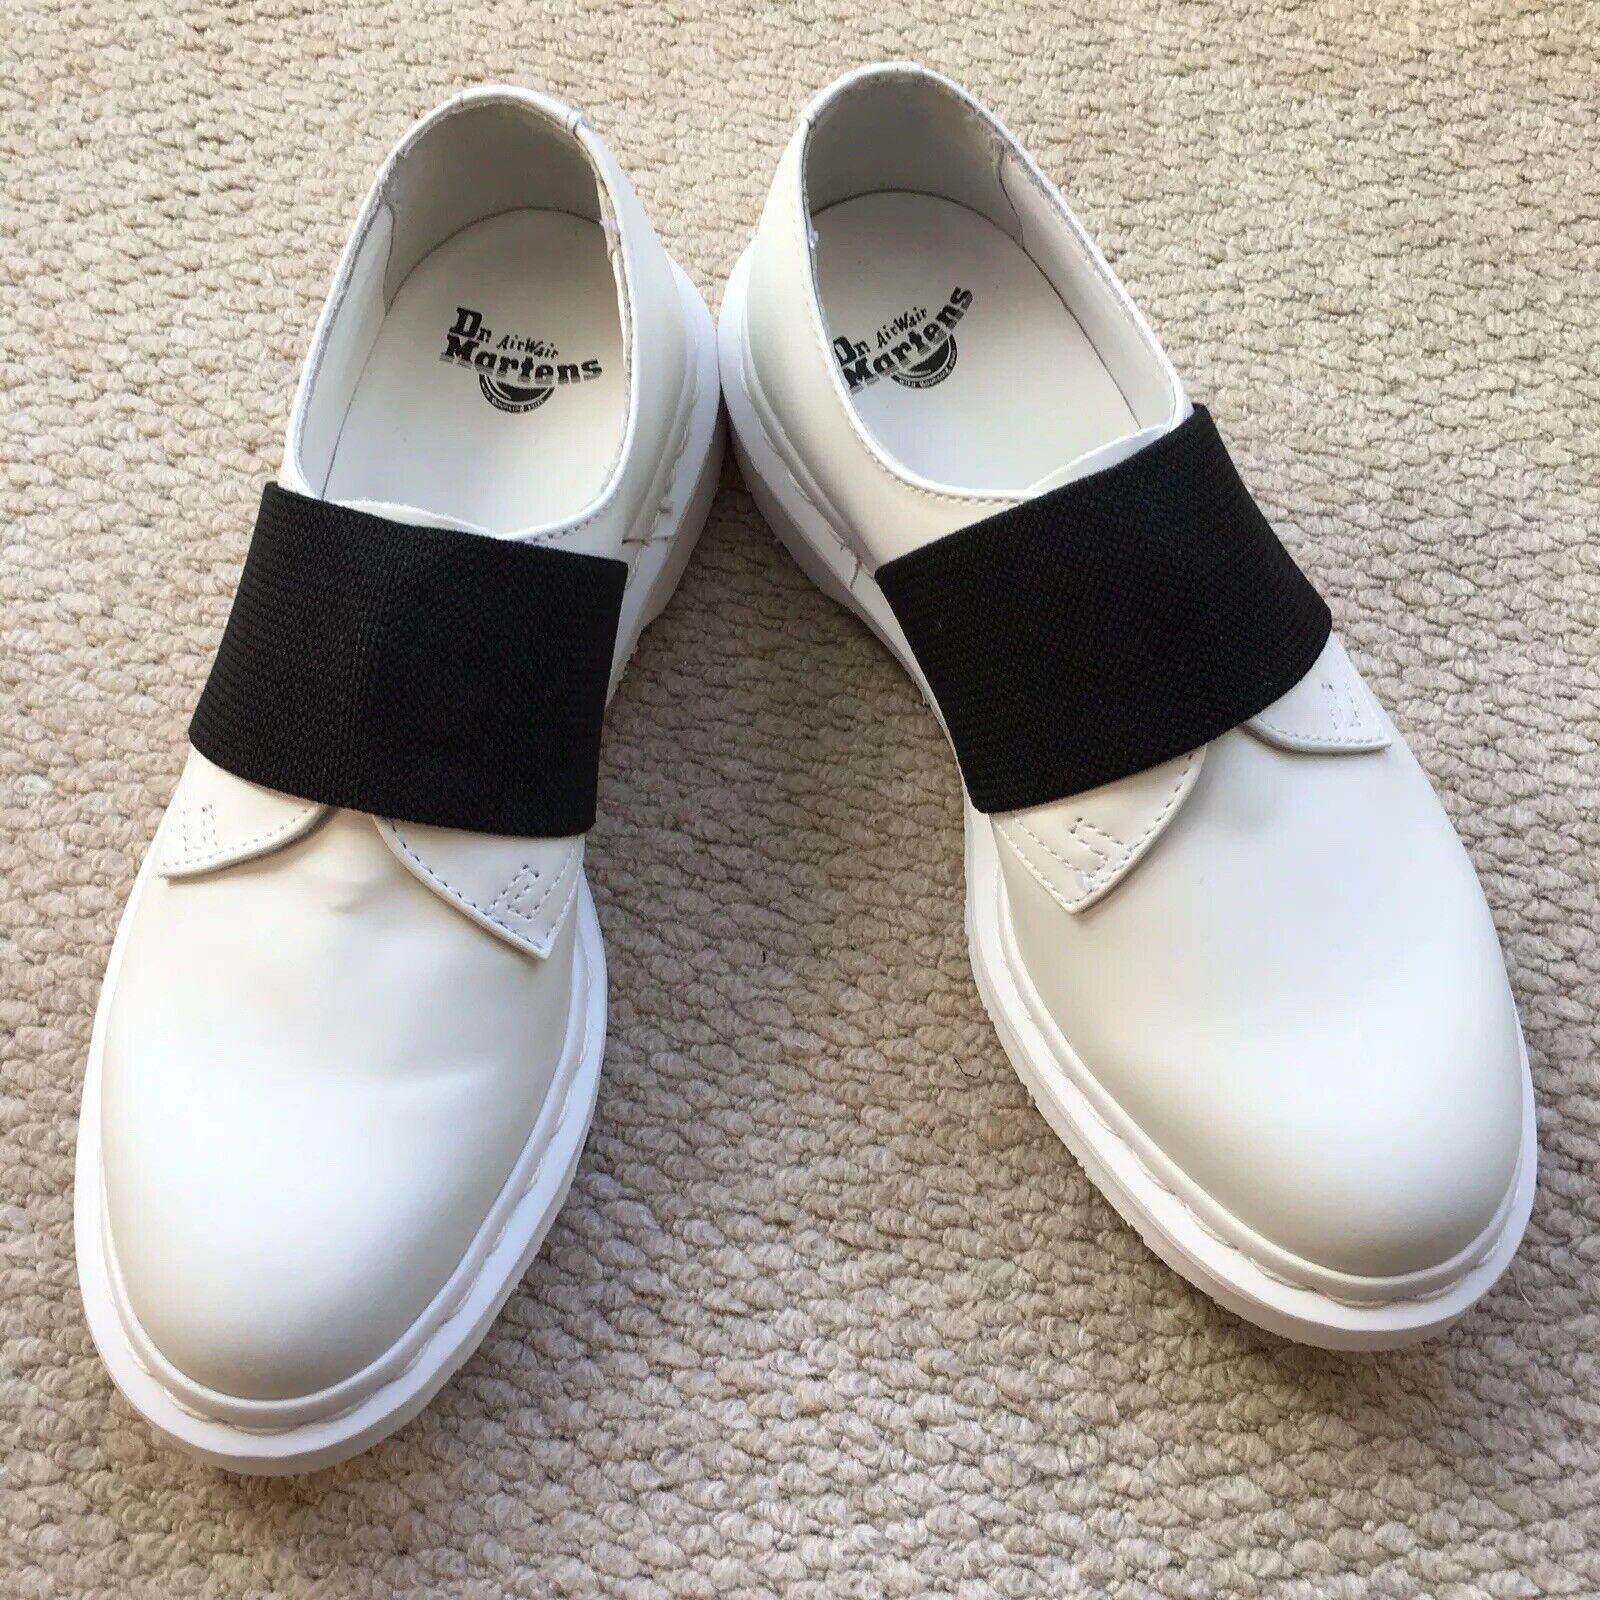 Femmes Dr. Martens' 1461 ELT modèle  Chaussures, blanc, Taille UK 4, EU 37, Entièrement Neuf dans sa boîte